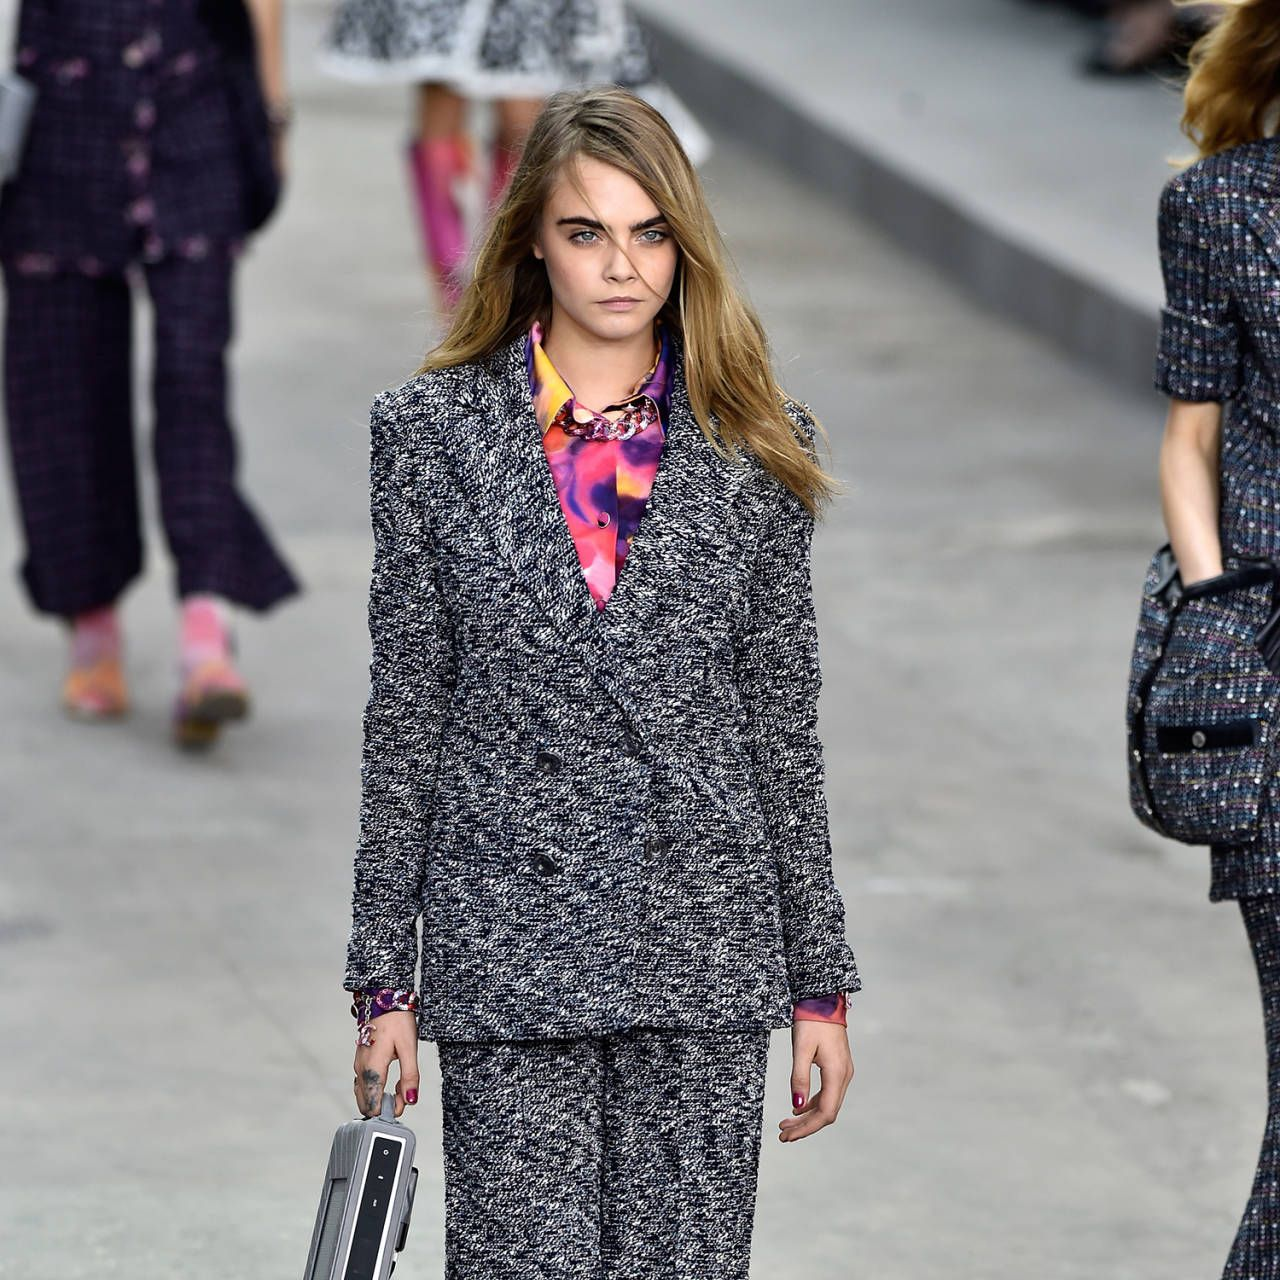 Cara Delevingne Chanel spring 2015 catwalk model Karl Lagerfeld instagram